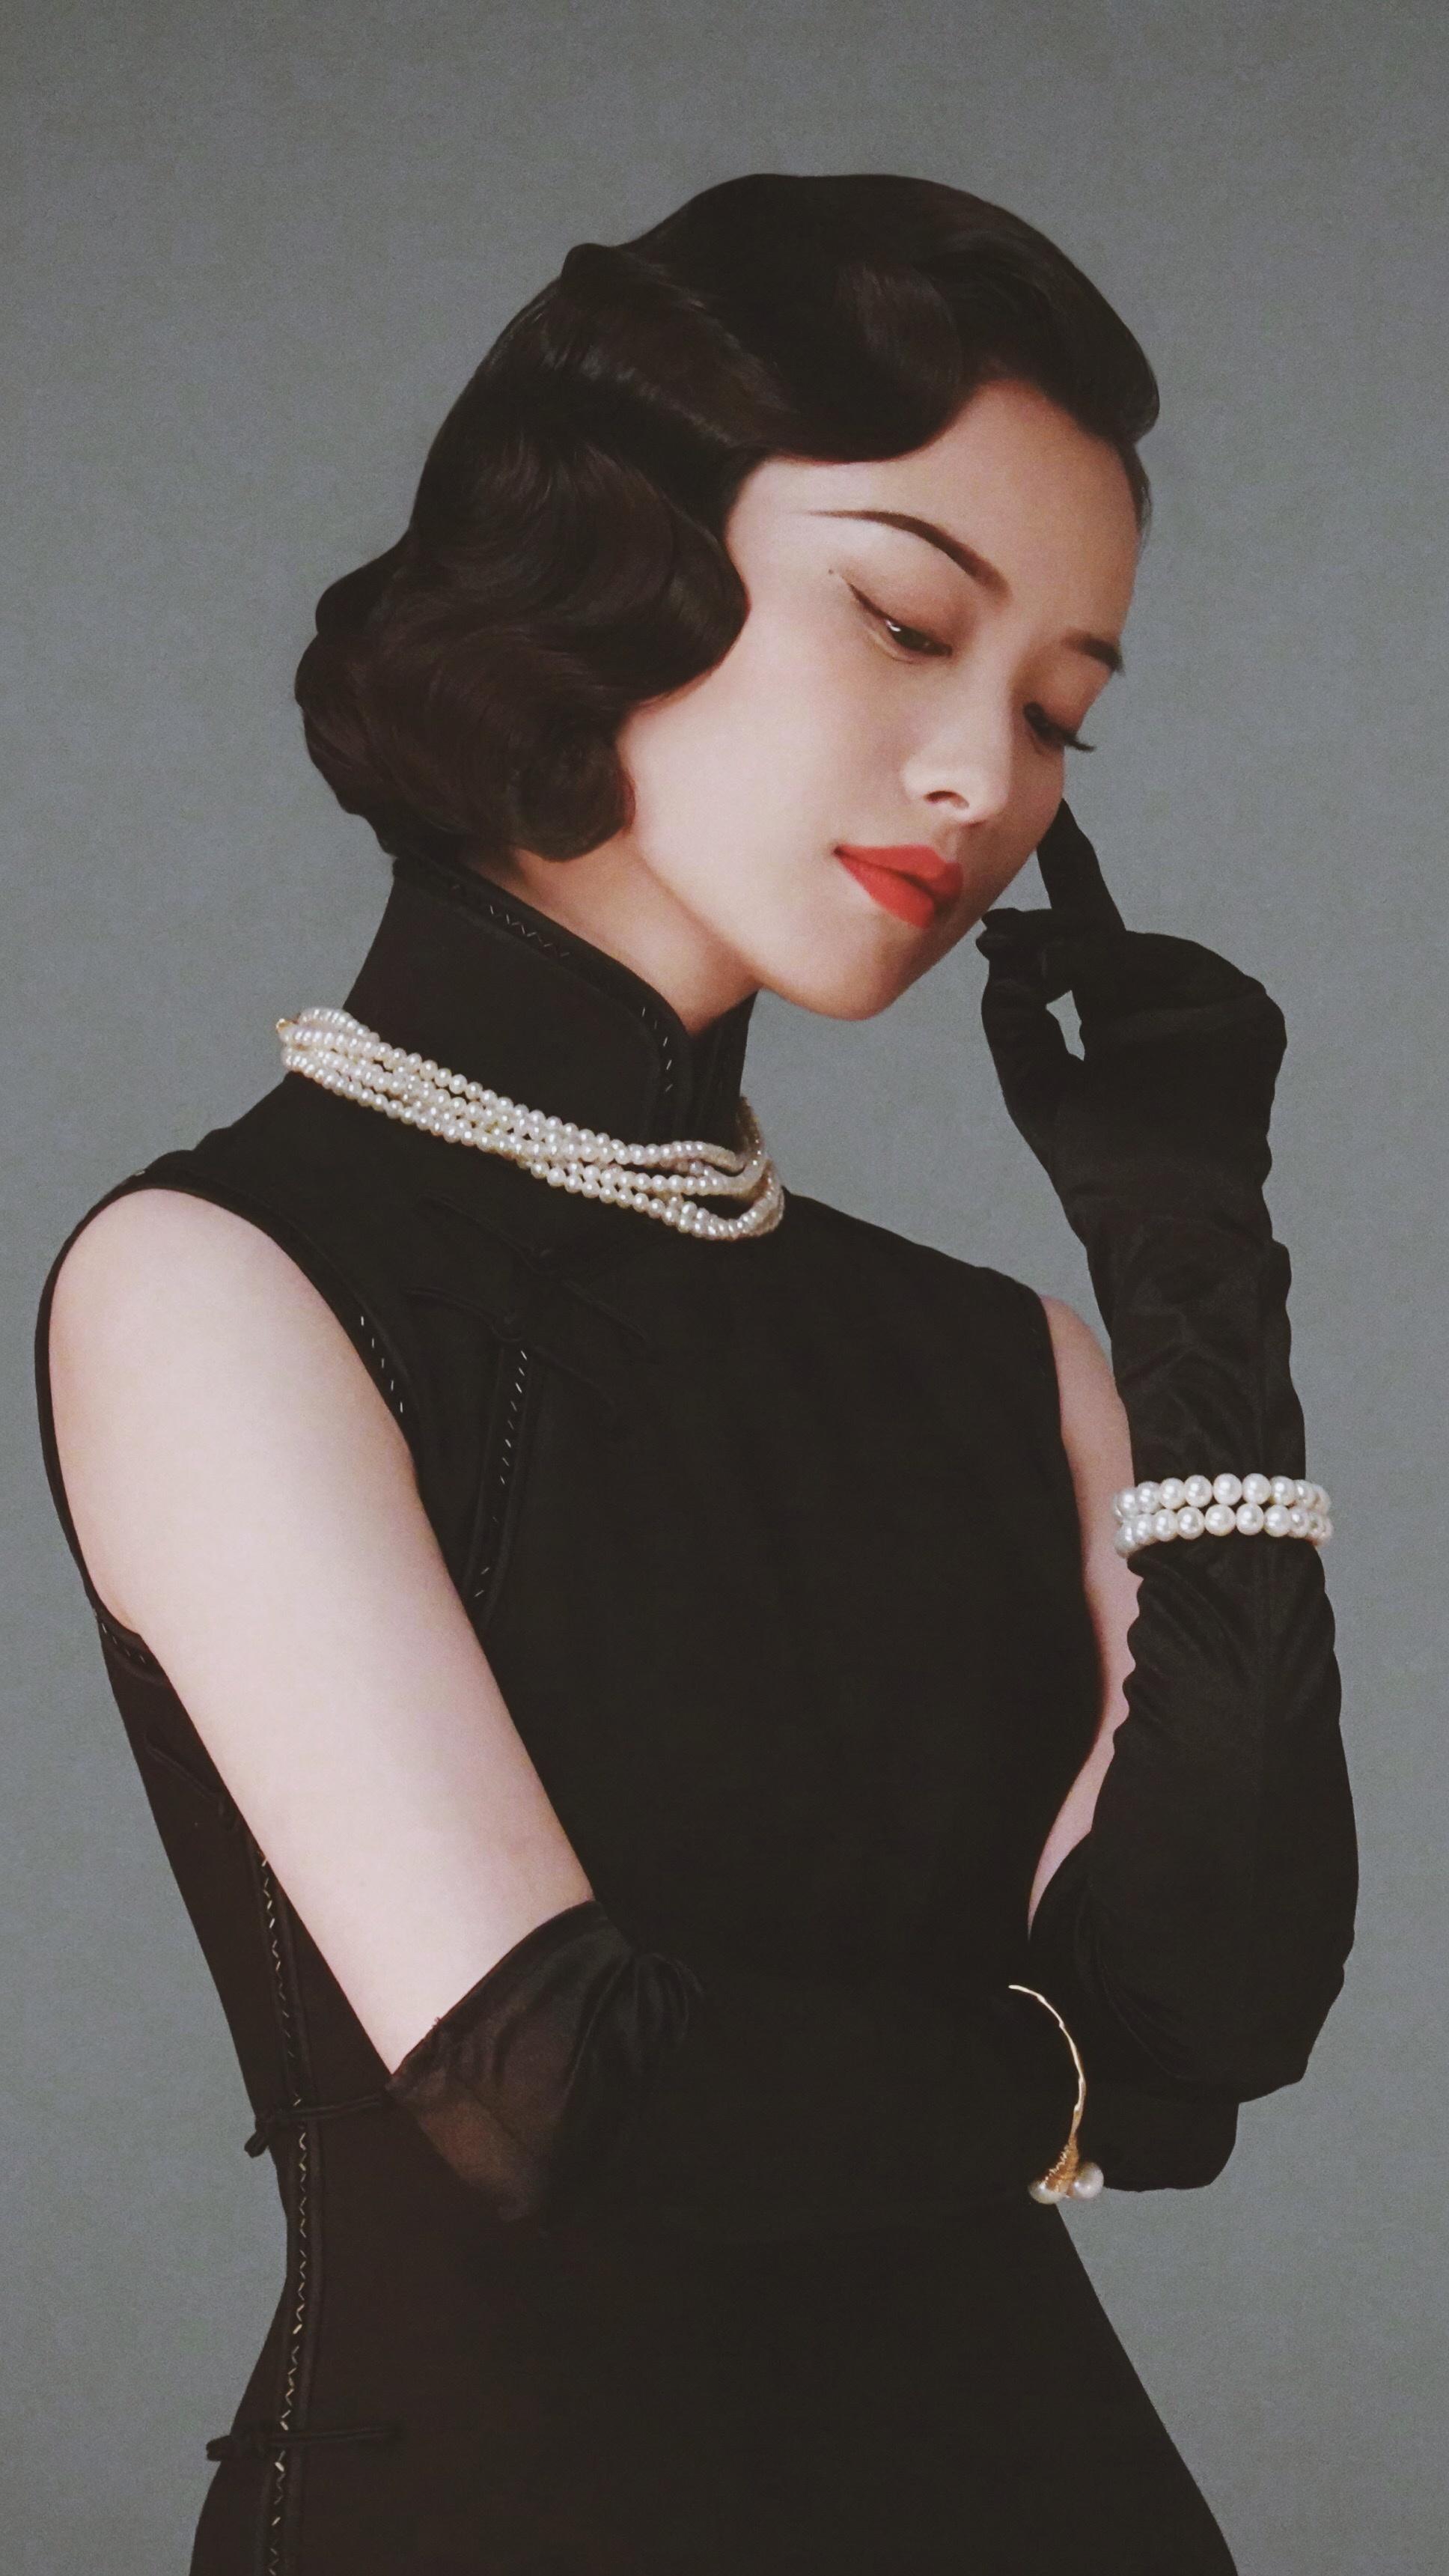 倪妮穿旗袍的那种民国风情太绝了